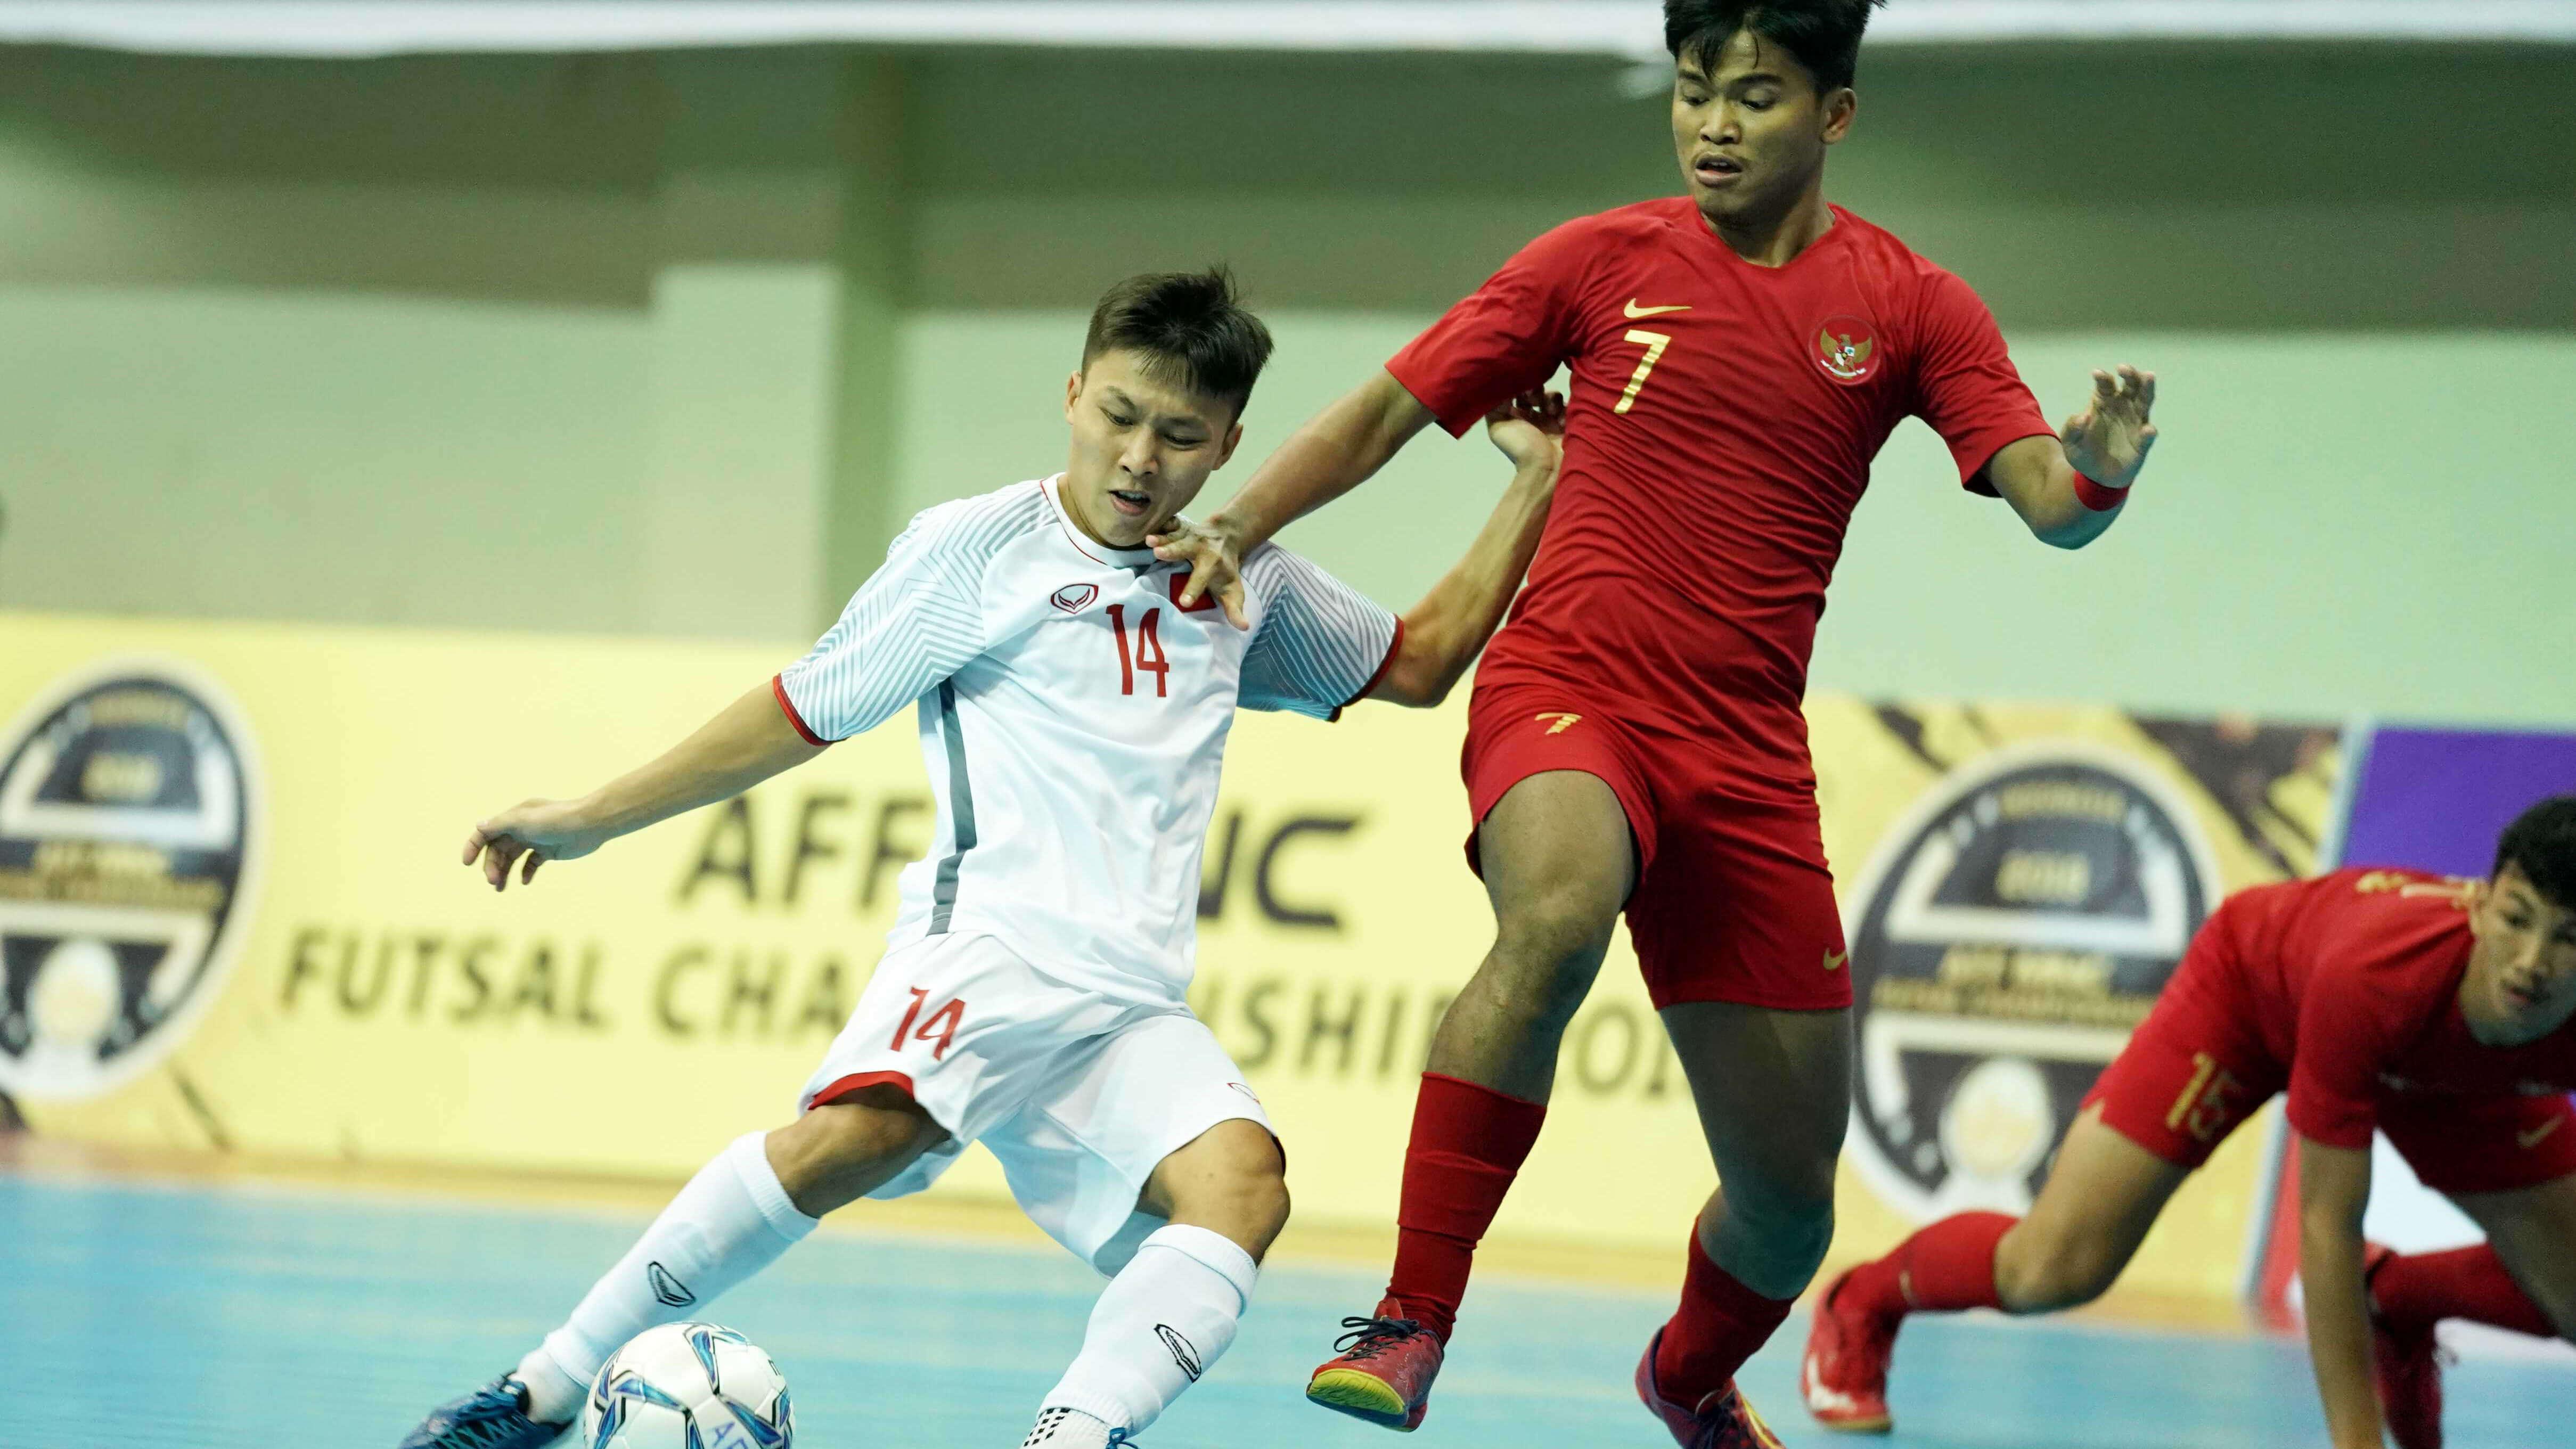 Đội tuyển futsal Việt Nam thua Indonesia ở trận tranh HCĐ giải Đông Nam Á 2018